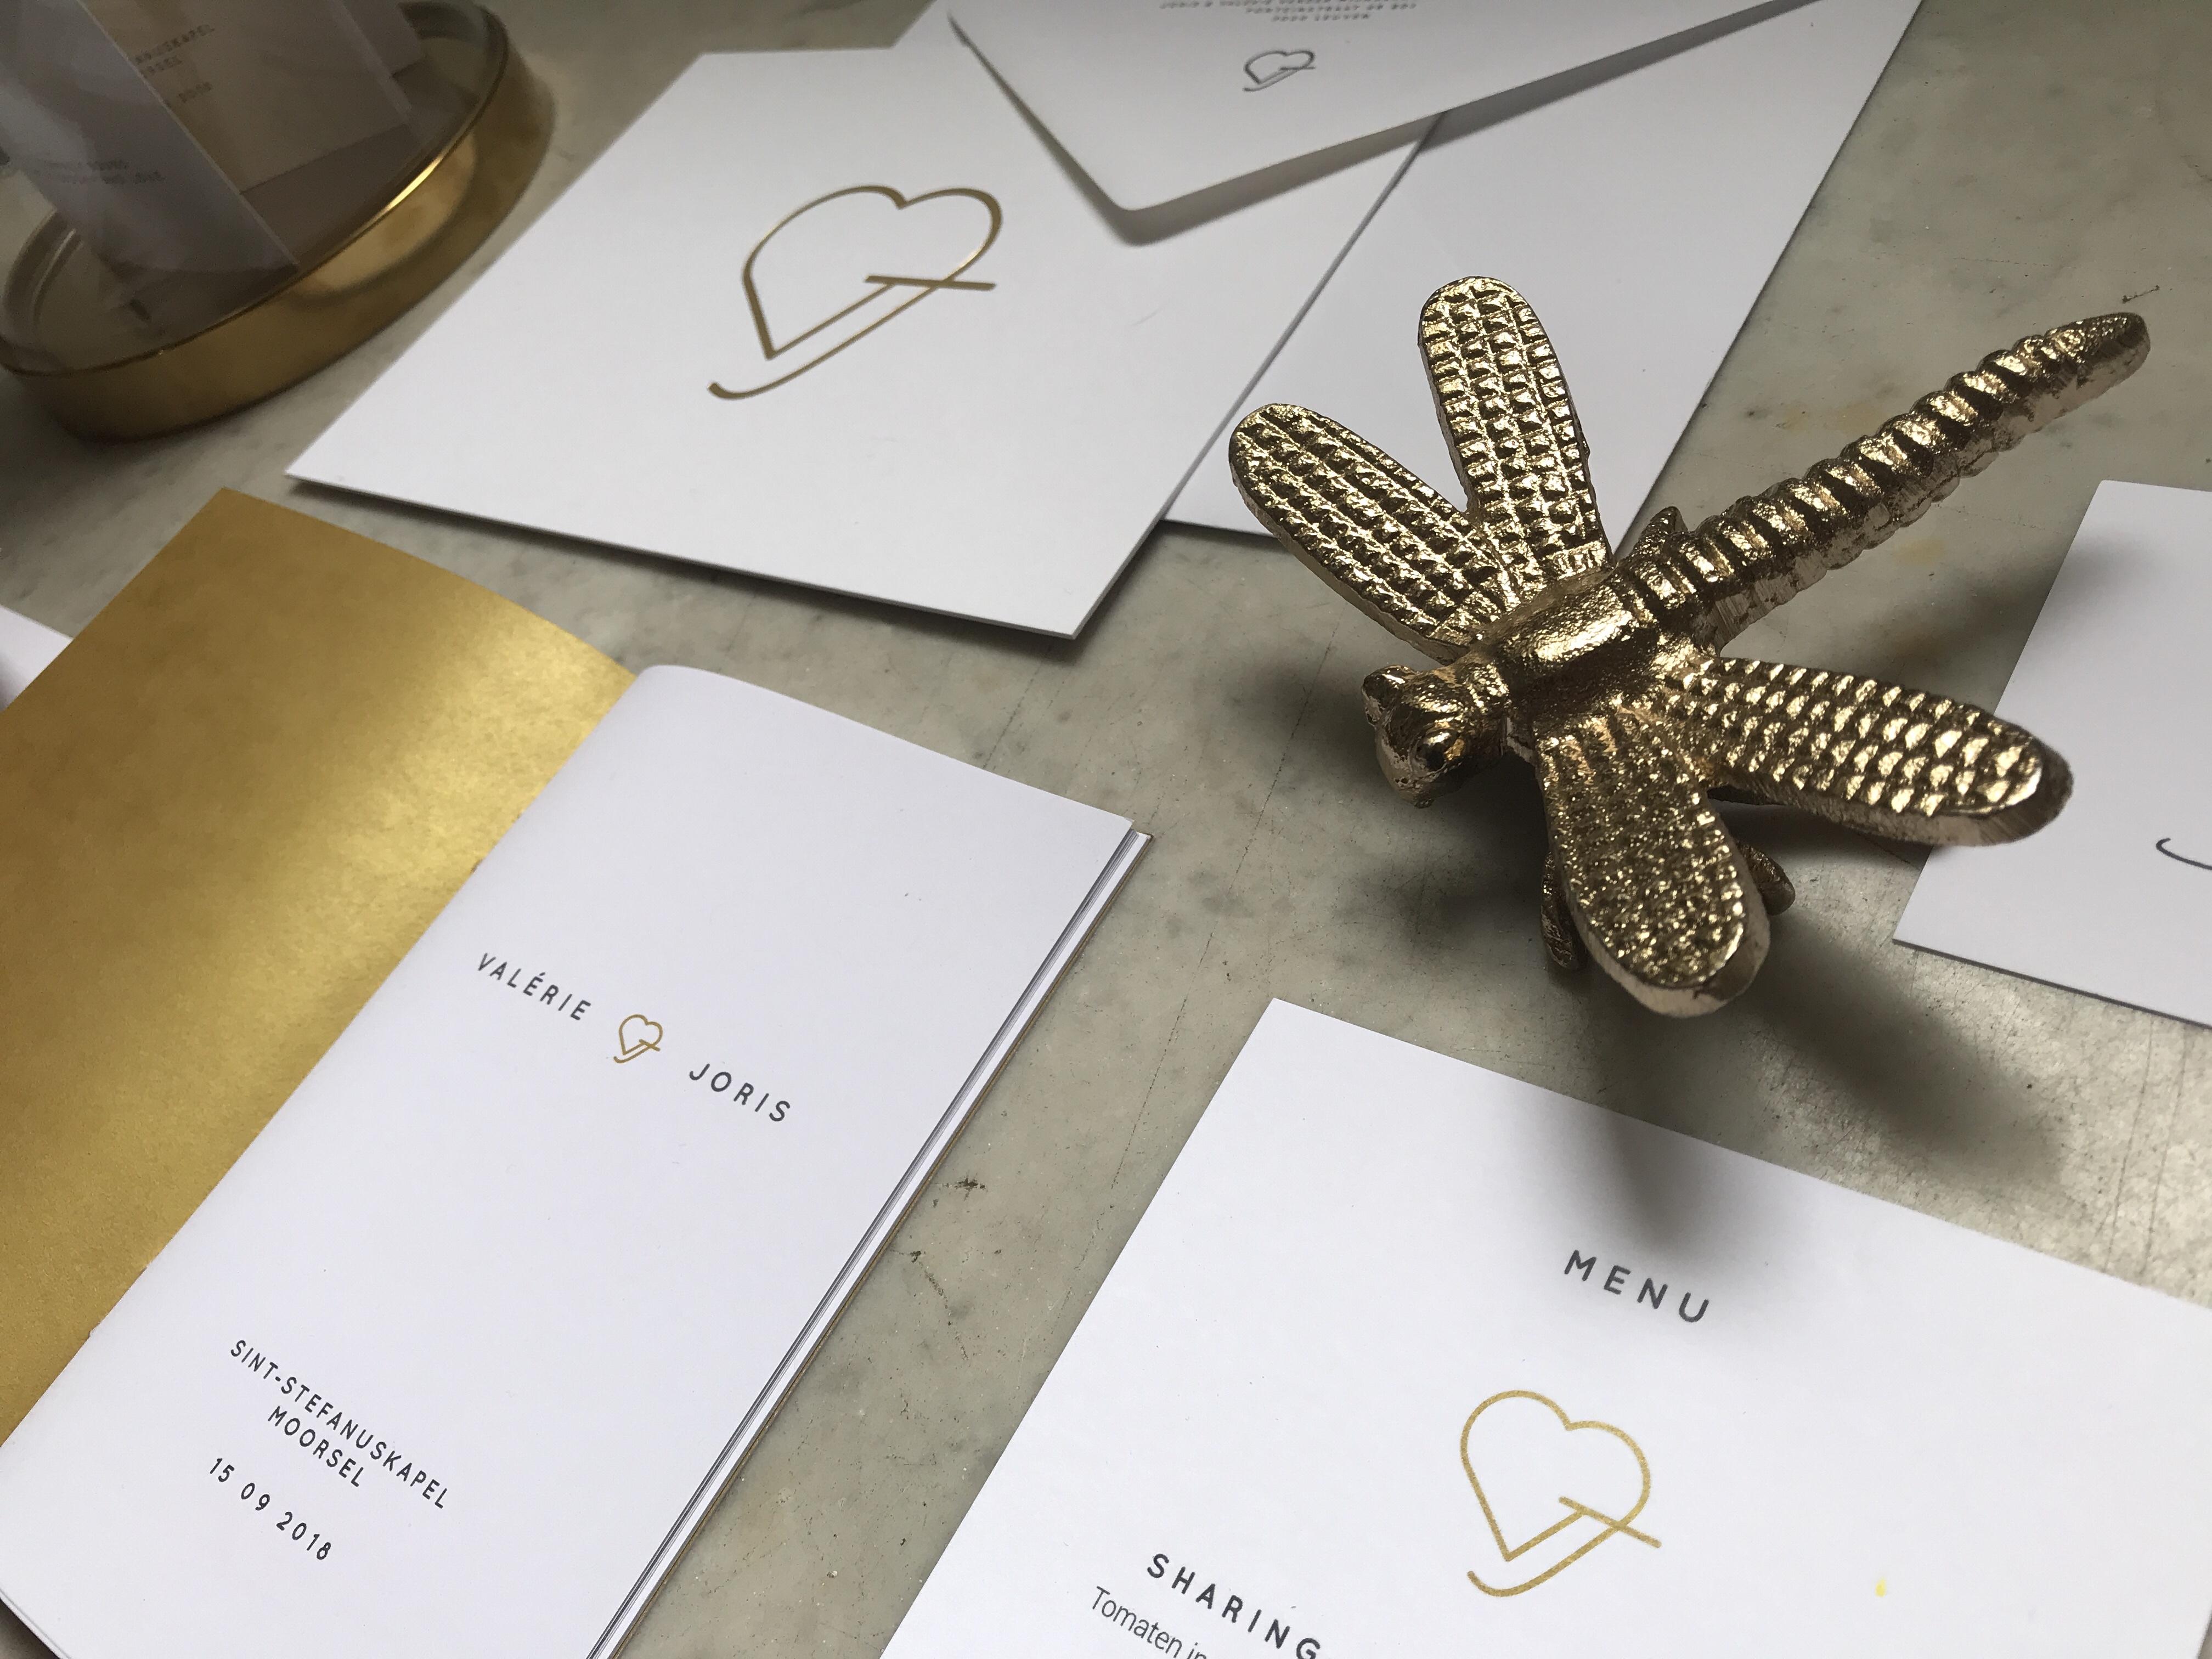 Huwelijksuitnodigingen V&J - wedding logo - gold foil - wedding stationery - letterpress